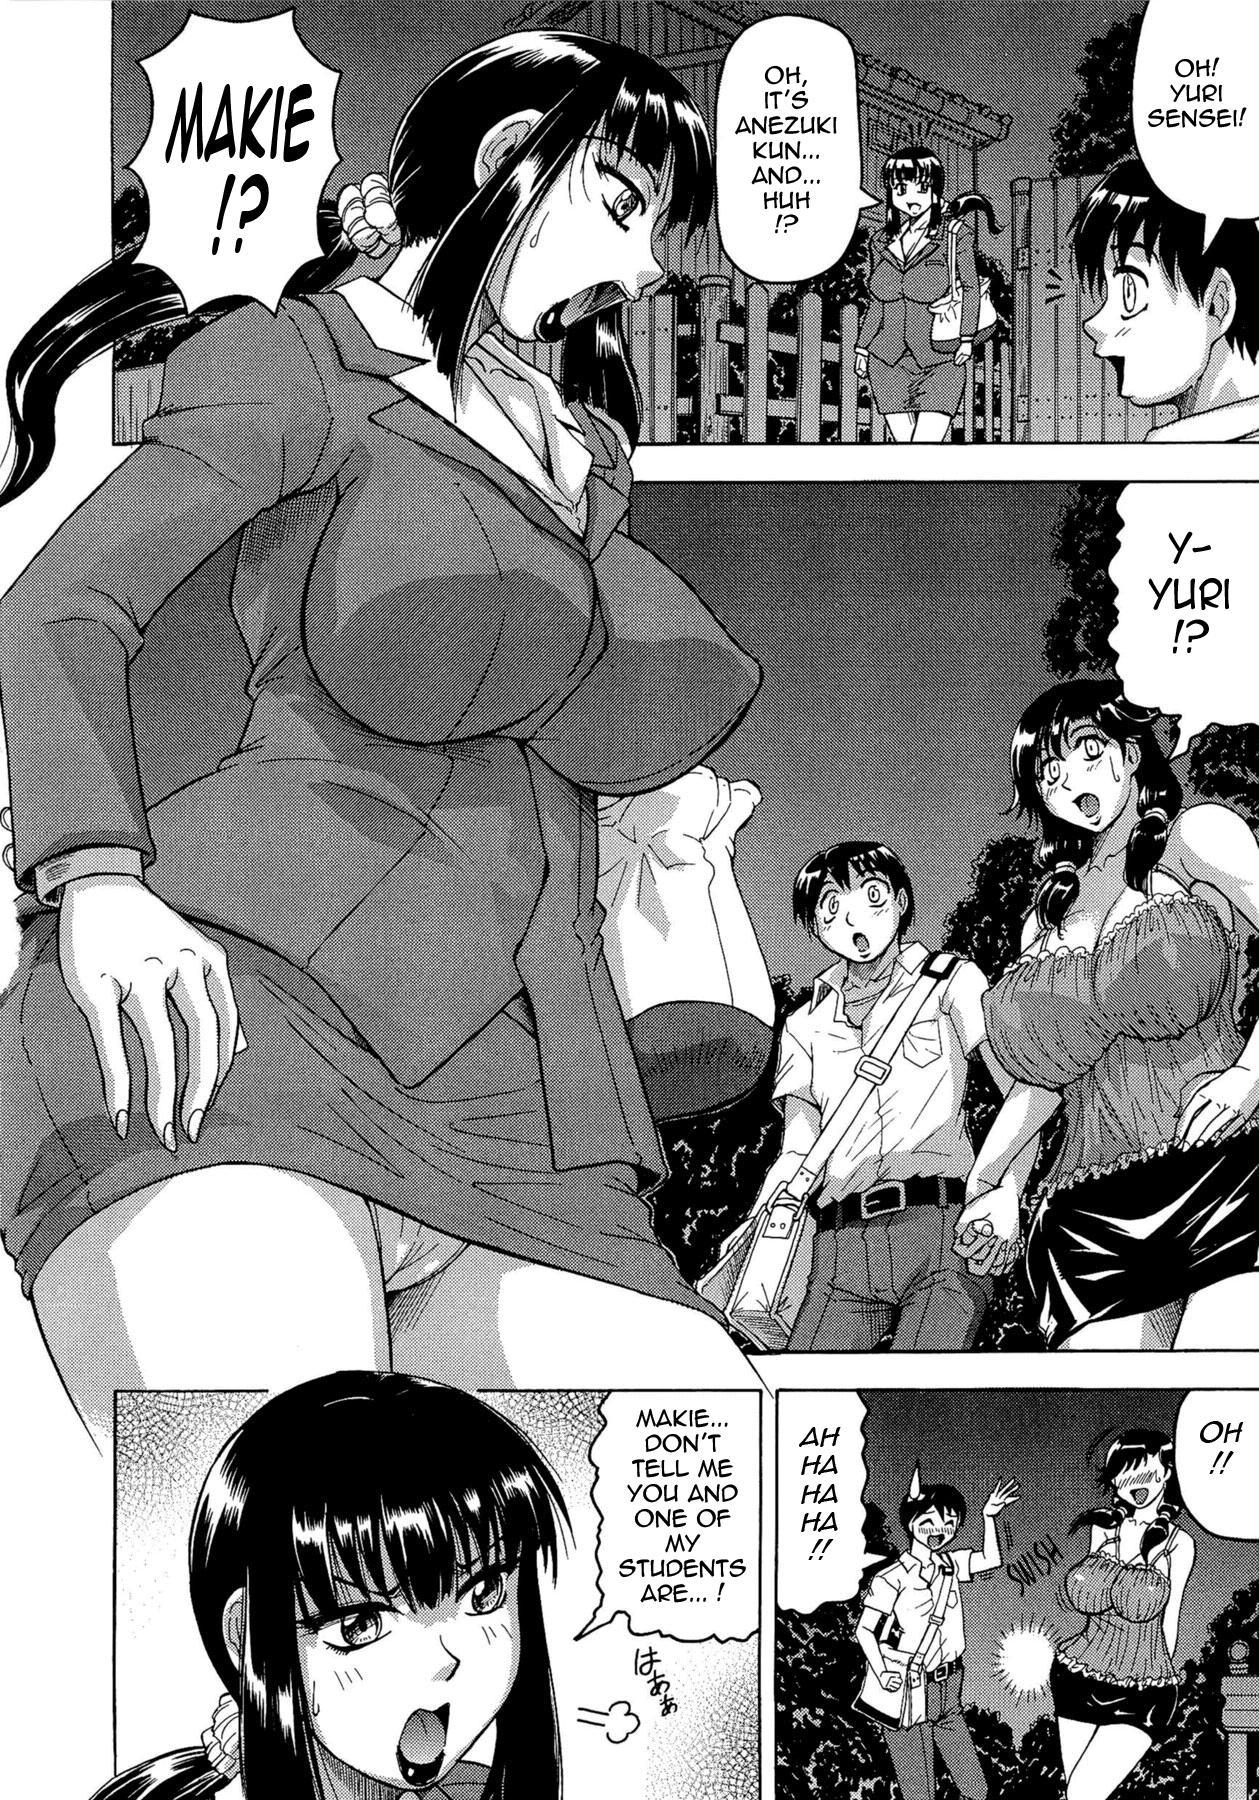 [Jamming] Koibito ha Tonari no Oneesan (Hatsujyouki) | My Lover is the Girl Next Door [English] {Tadanohito} 75